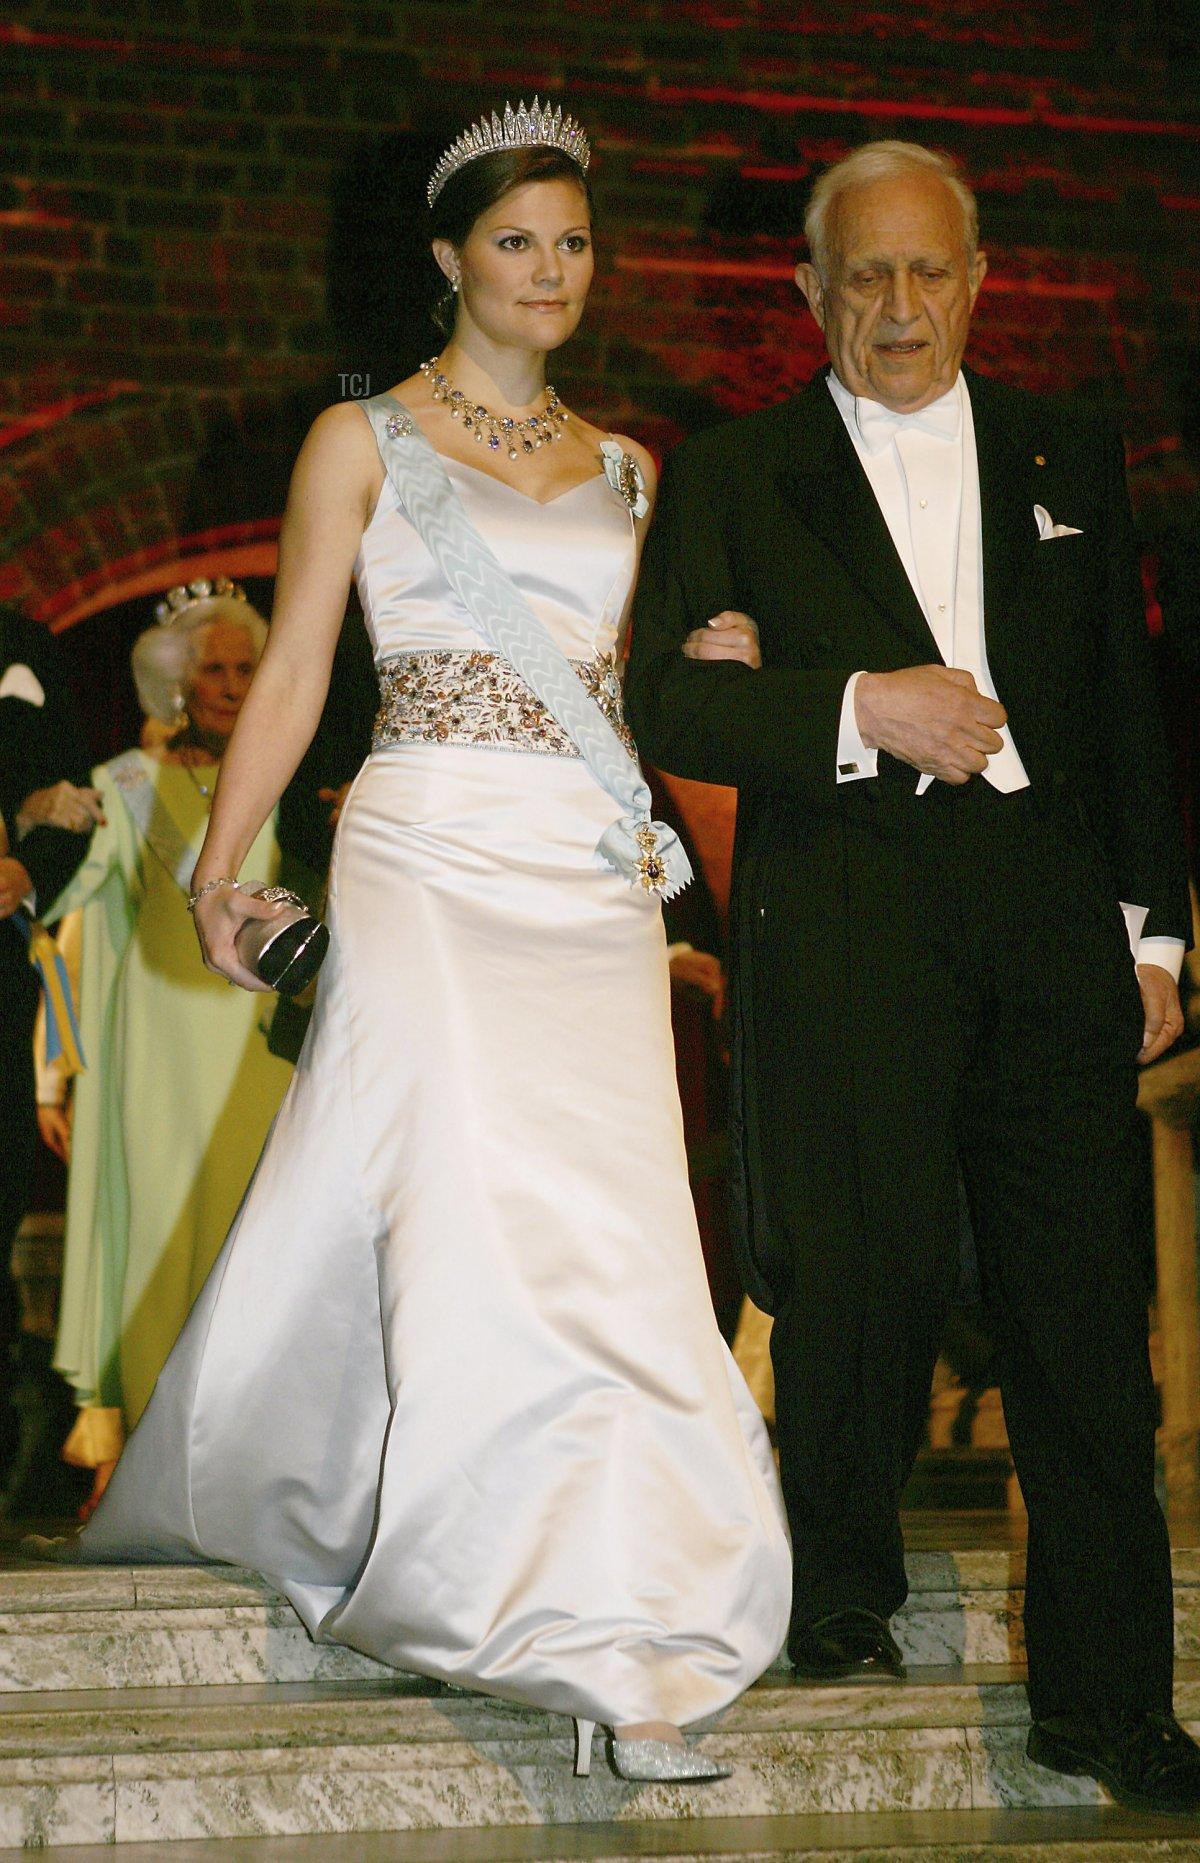 STOCKHOLM, SWEDEN - DECEMBER 10: Crown Princess Victoria of Sweden and Physics Nobel Prize Roy J. Glauber arrive at the Nobel Banquet held at the City Hall on December 10, 2005 in Stockholm, Sweden